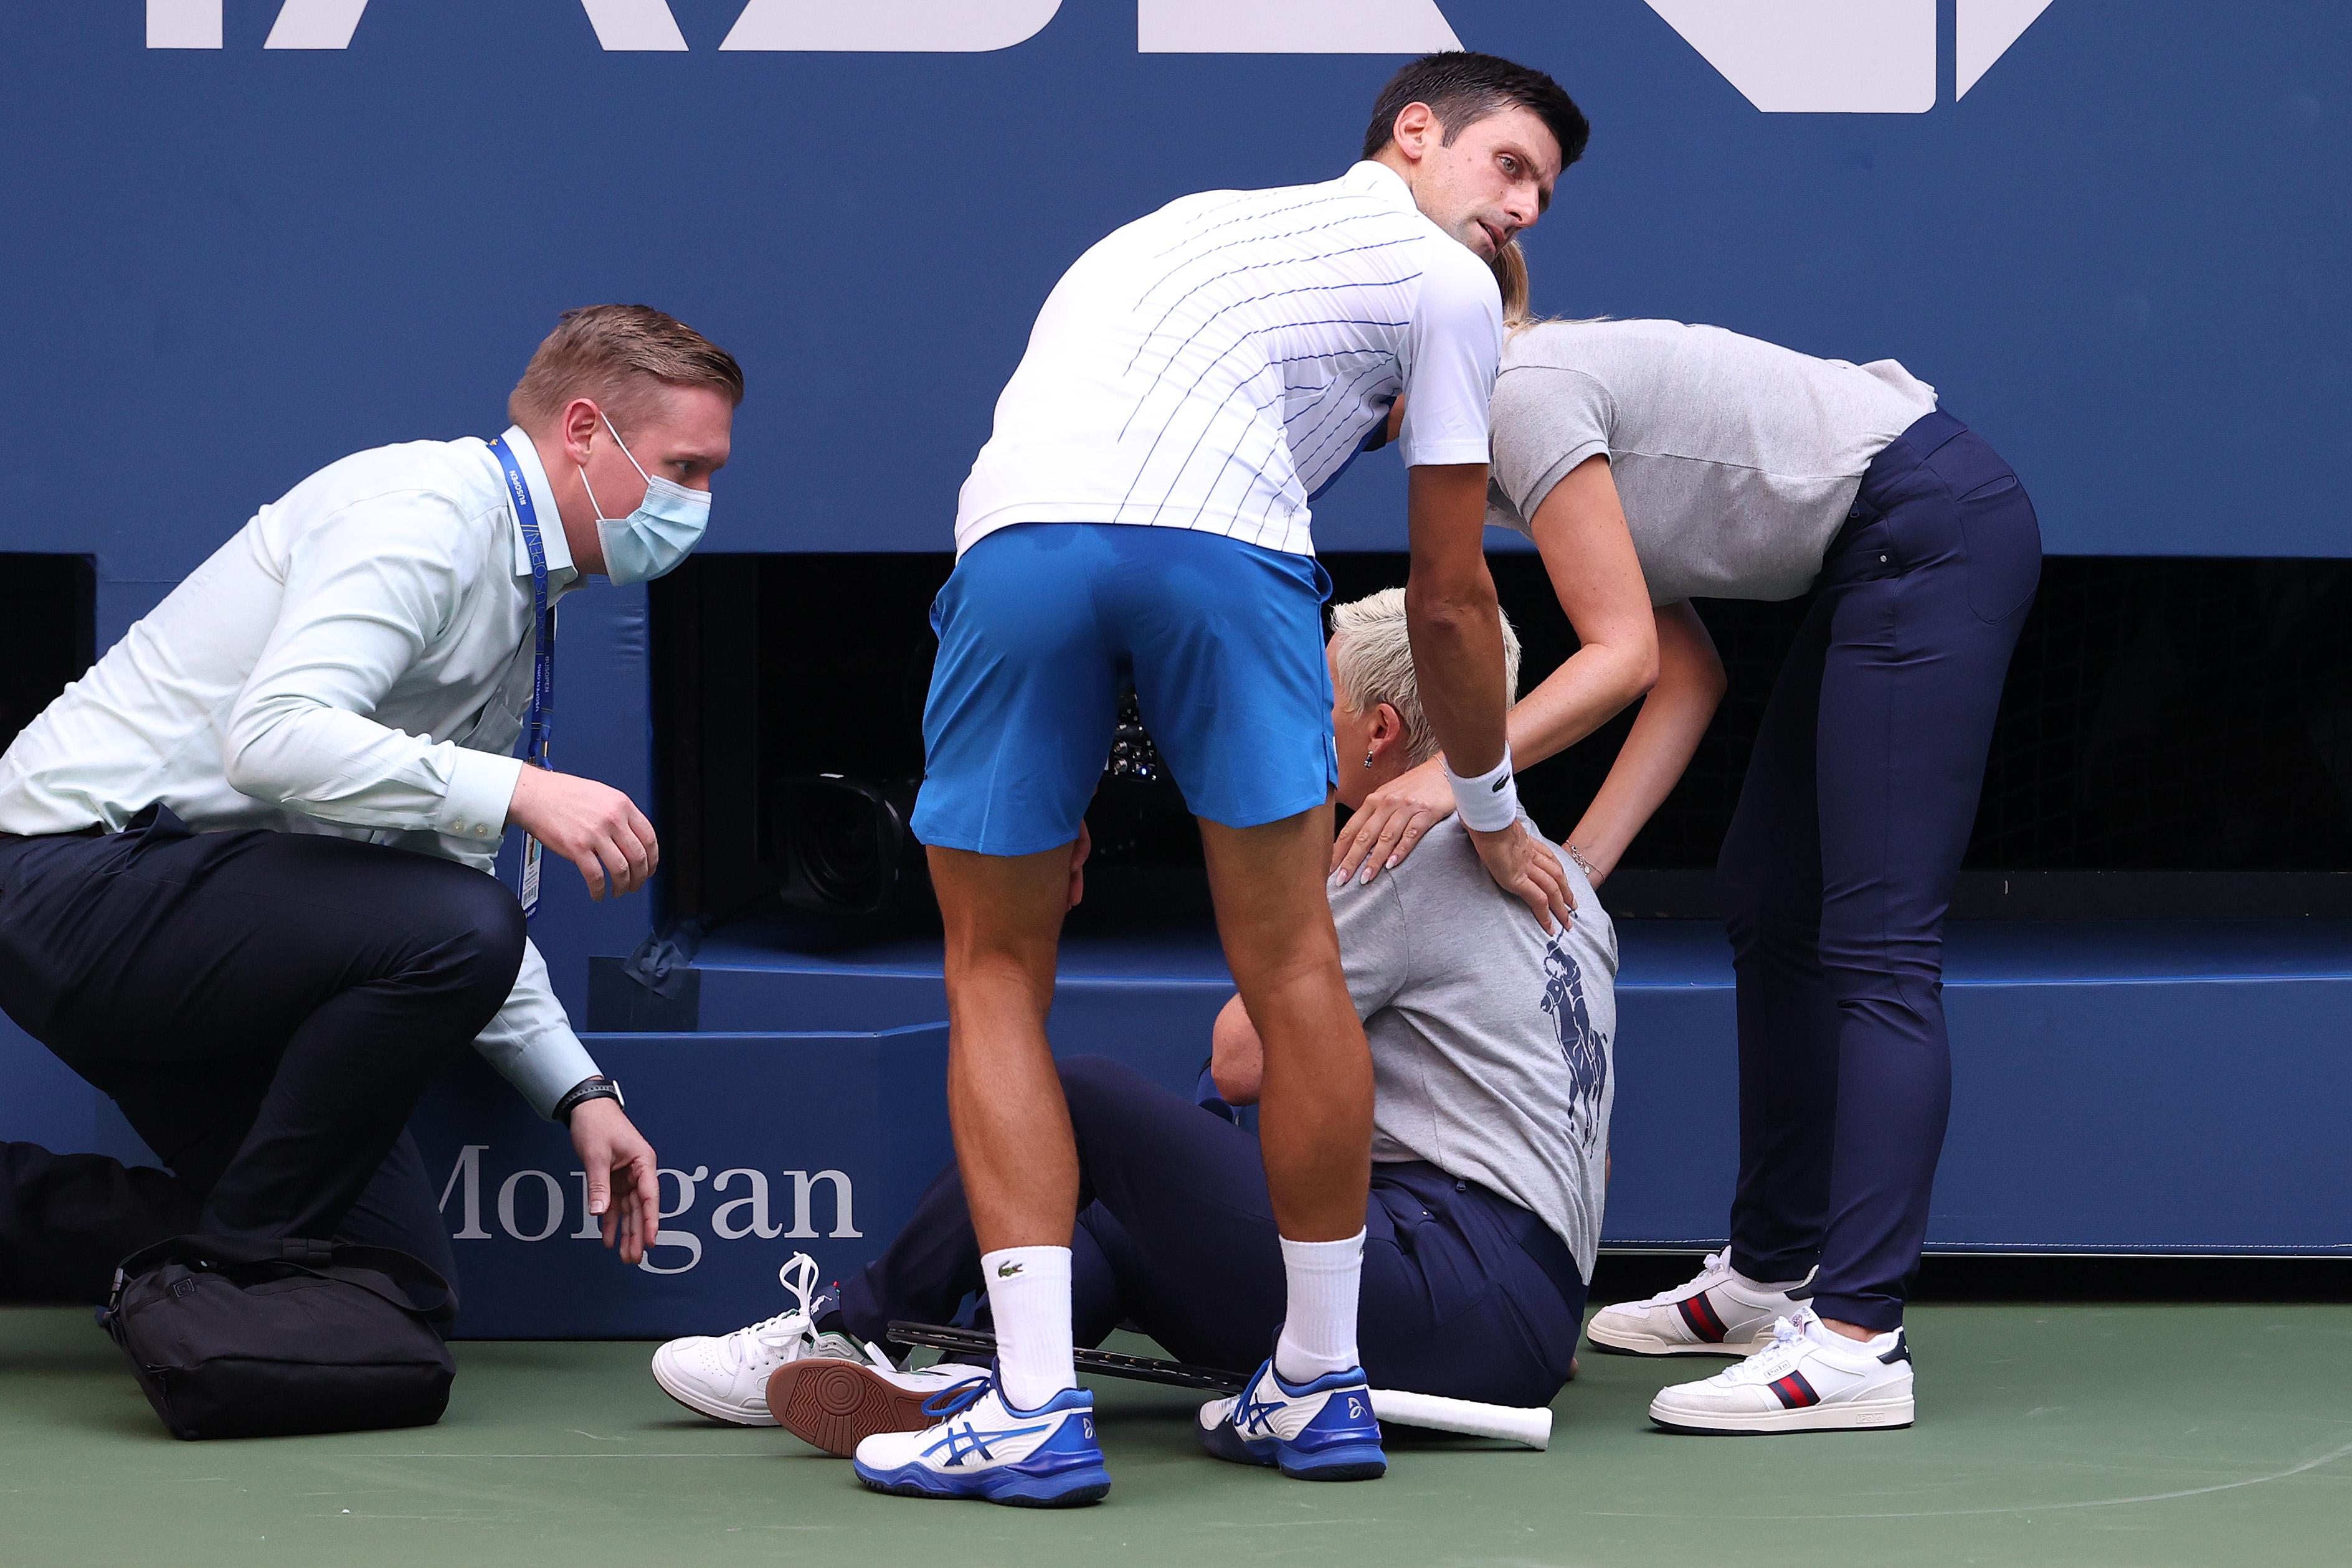 Dühből eltalált egy vonalbírót, leléptették Djokovicsot a US Openen